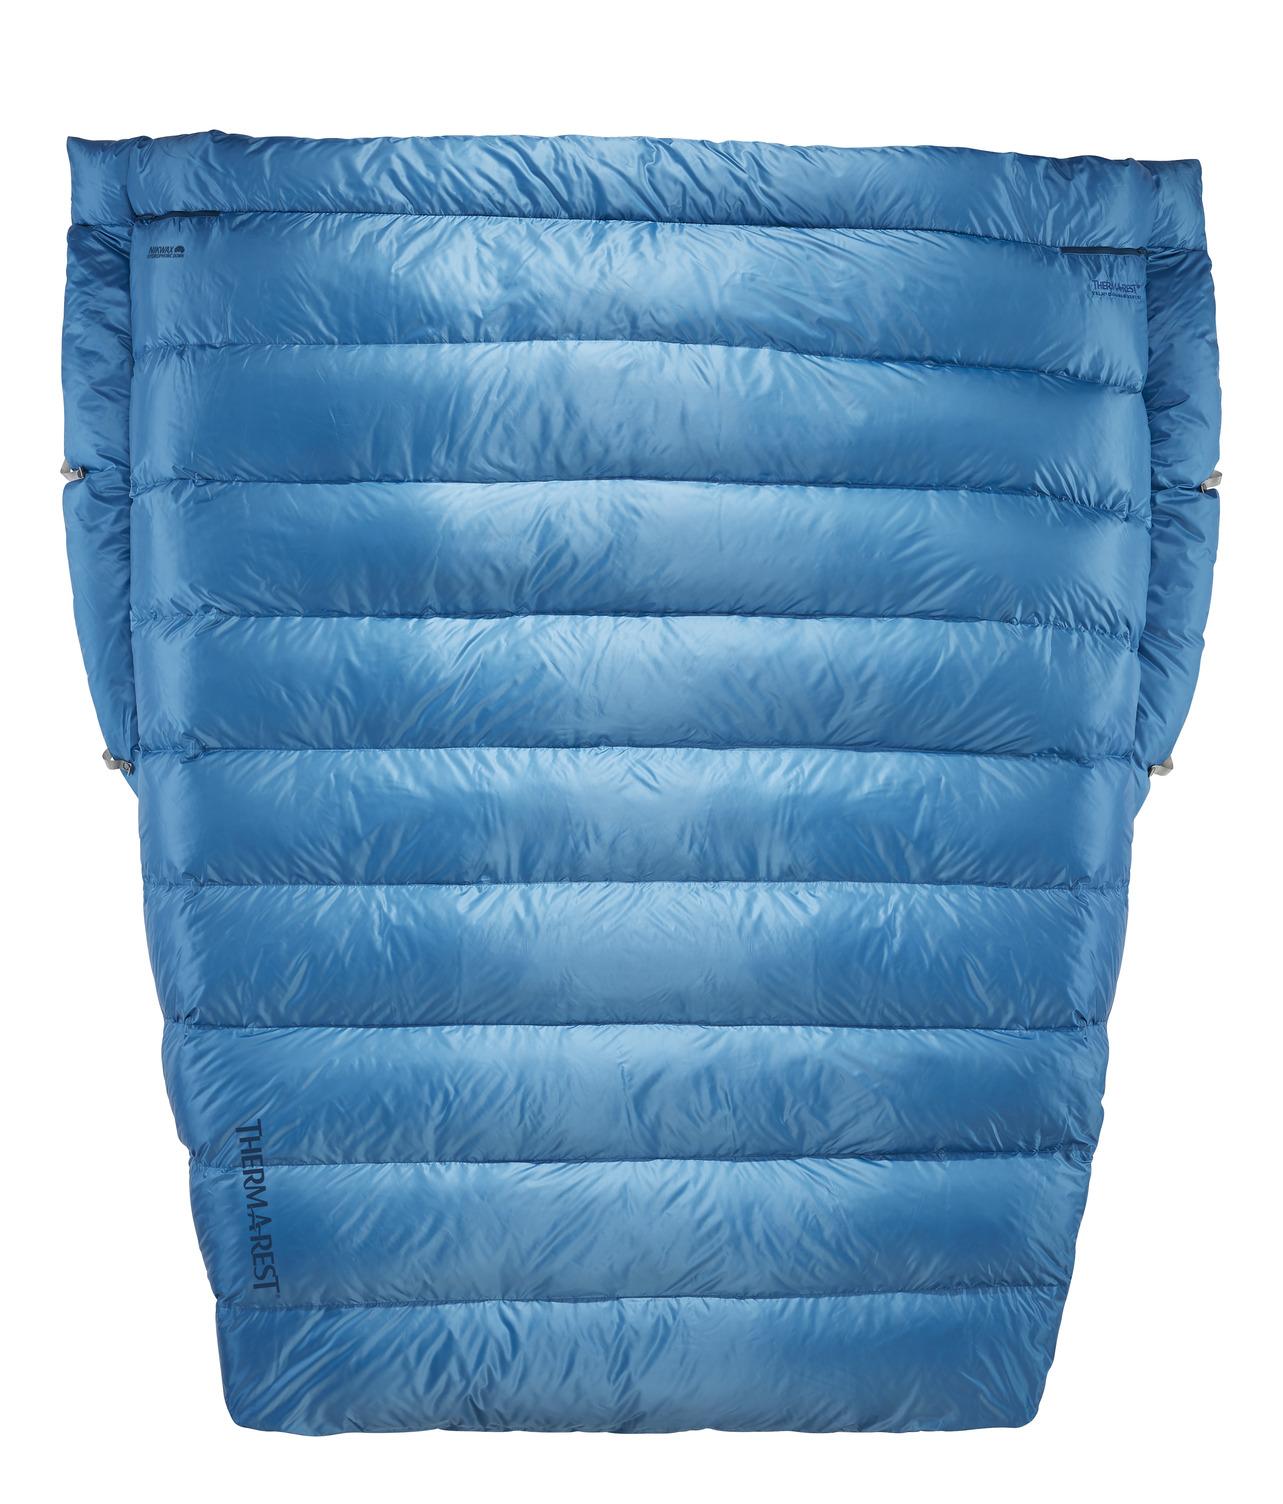 Thermarest Vela Double 32 - Sleeping bag